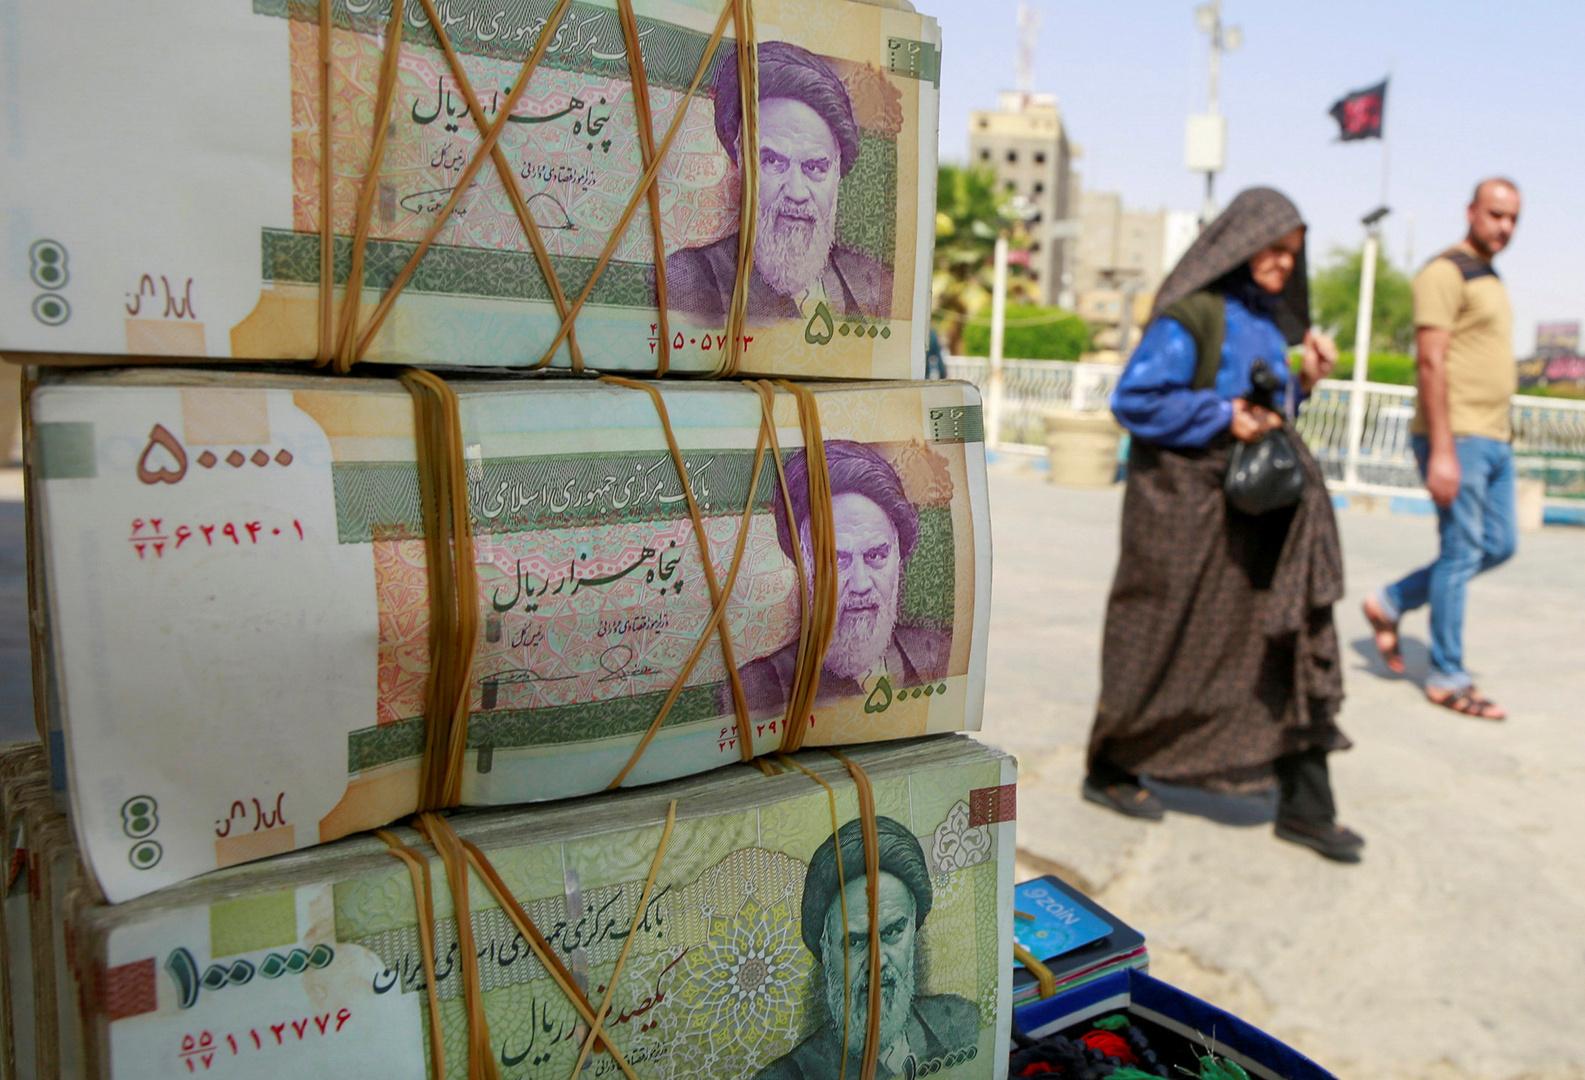 محافظ المركزي الإيراني في بغداد للإفراج عن أموال مجمدة